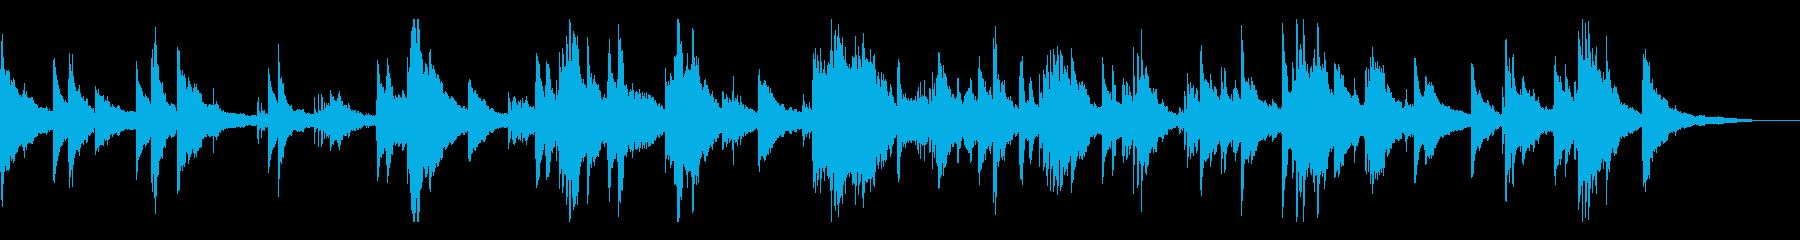 不気味と静寂/和風の雰囲気10 ピアノ+の再生済みの波形